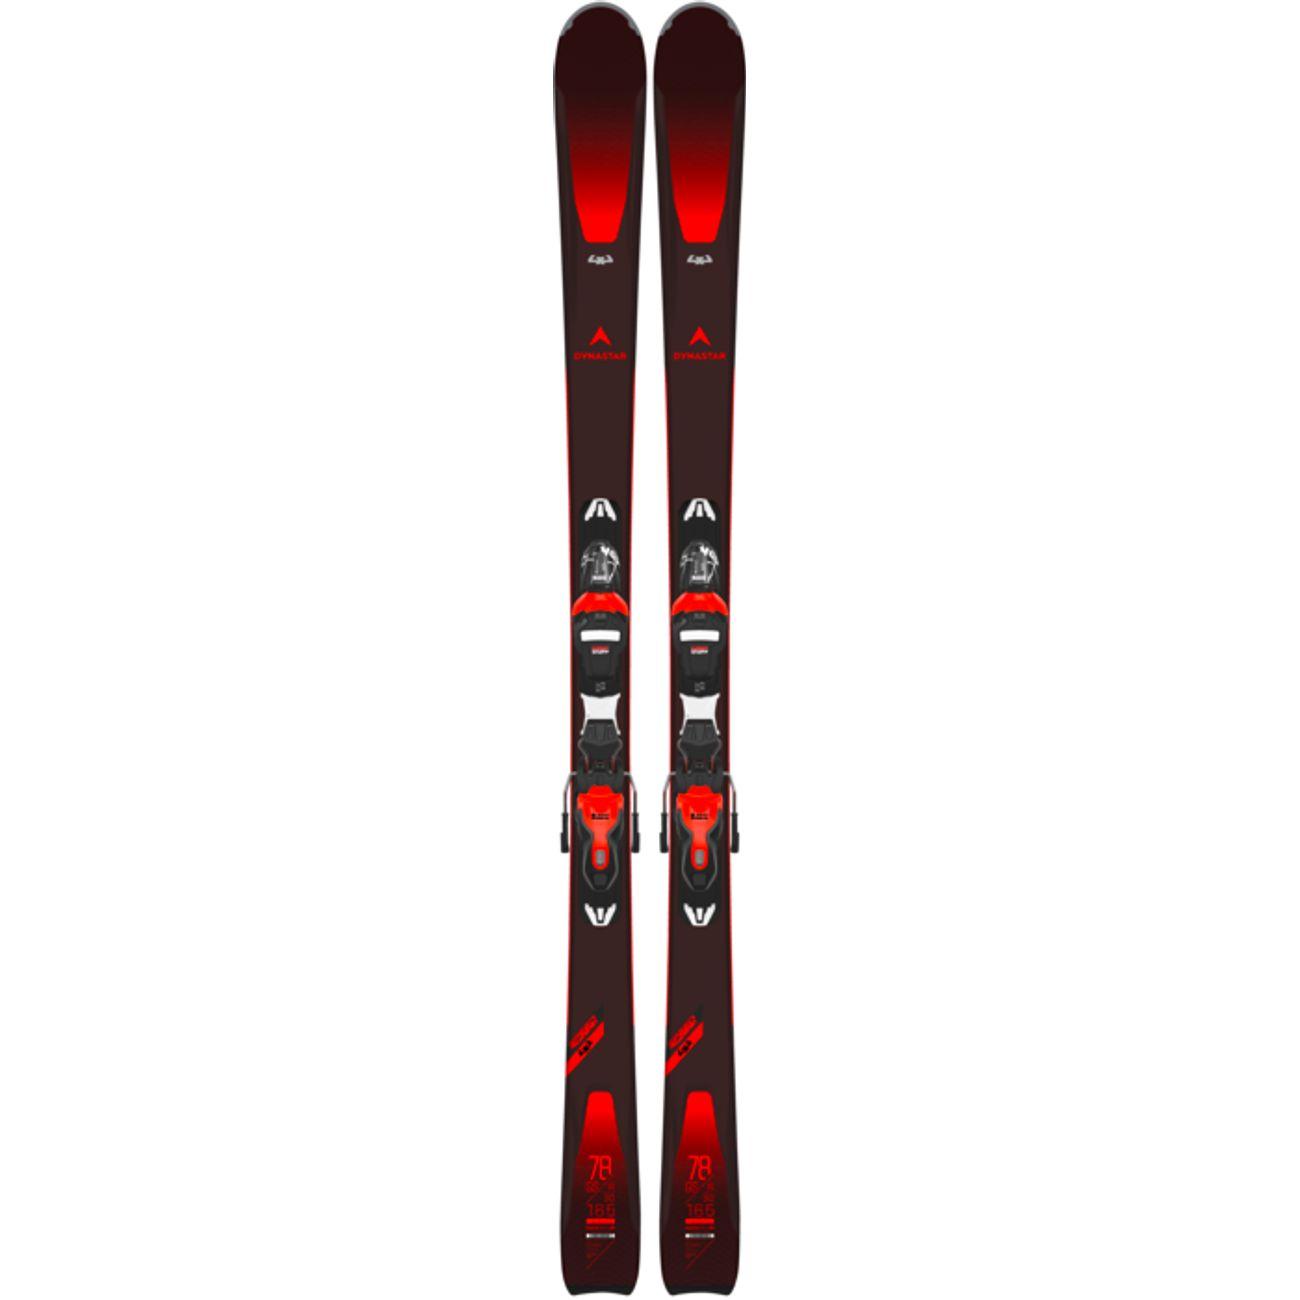 SKIS Ski adulte DYNASTAR SPEEDZONE 4X4 78 XPRESS 11 GW B83 R